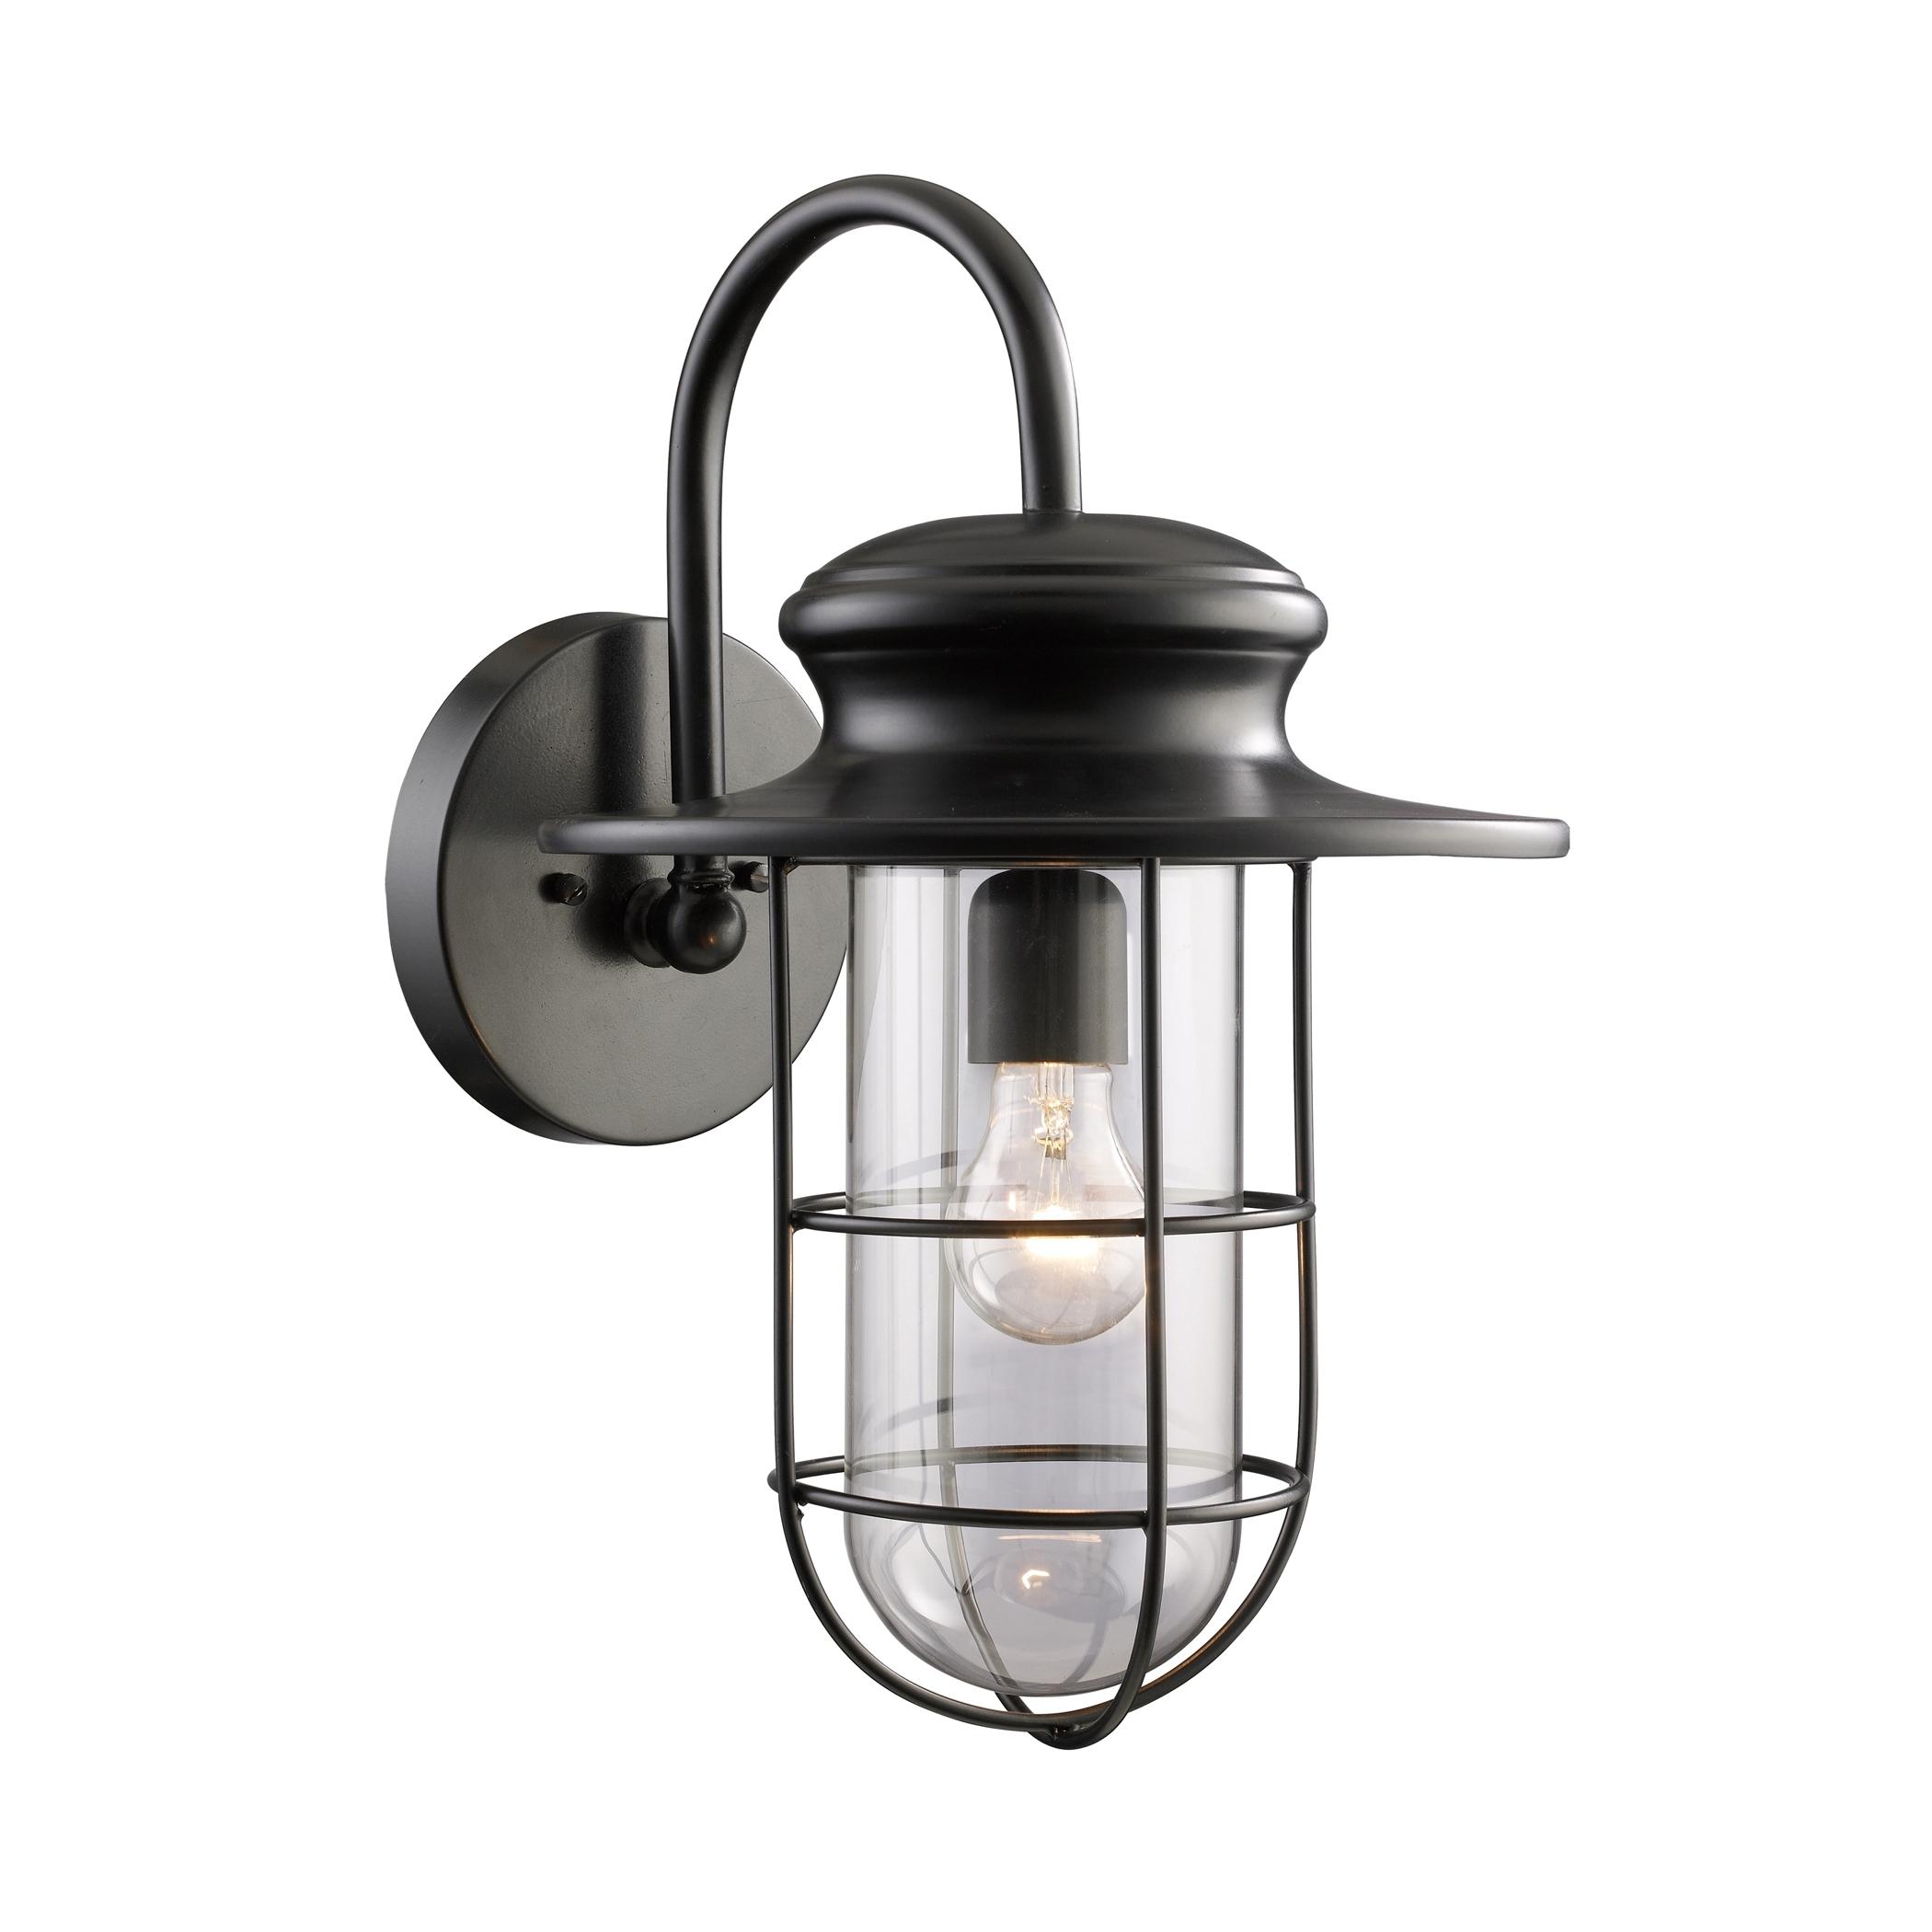 Popular Outdoor Exterior Lanterns With Regard To Exterior Industrial Light Outdoor Fixture Lighting Uk Wall Mount (View 12 of 20)